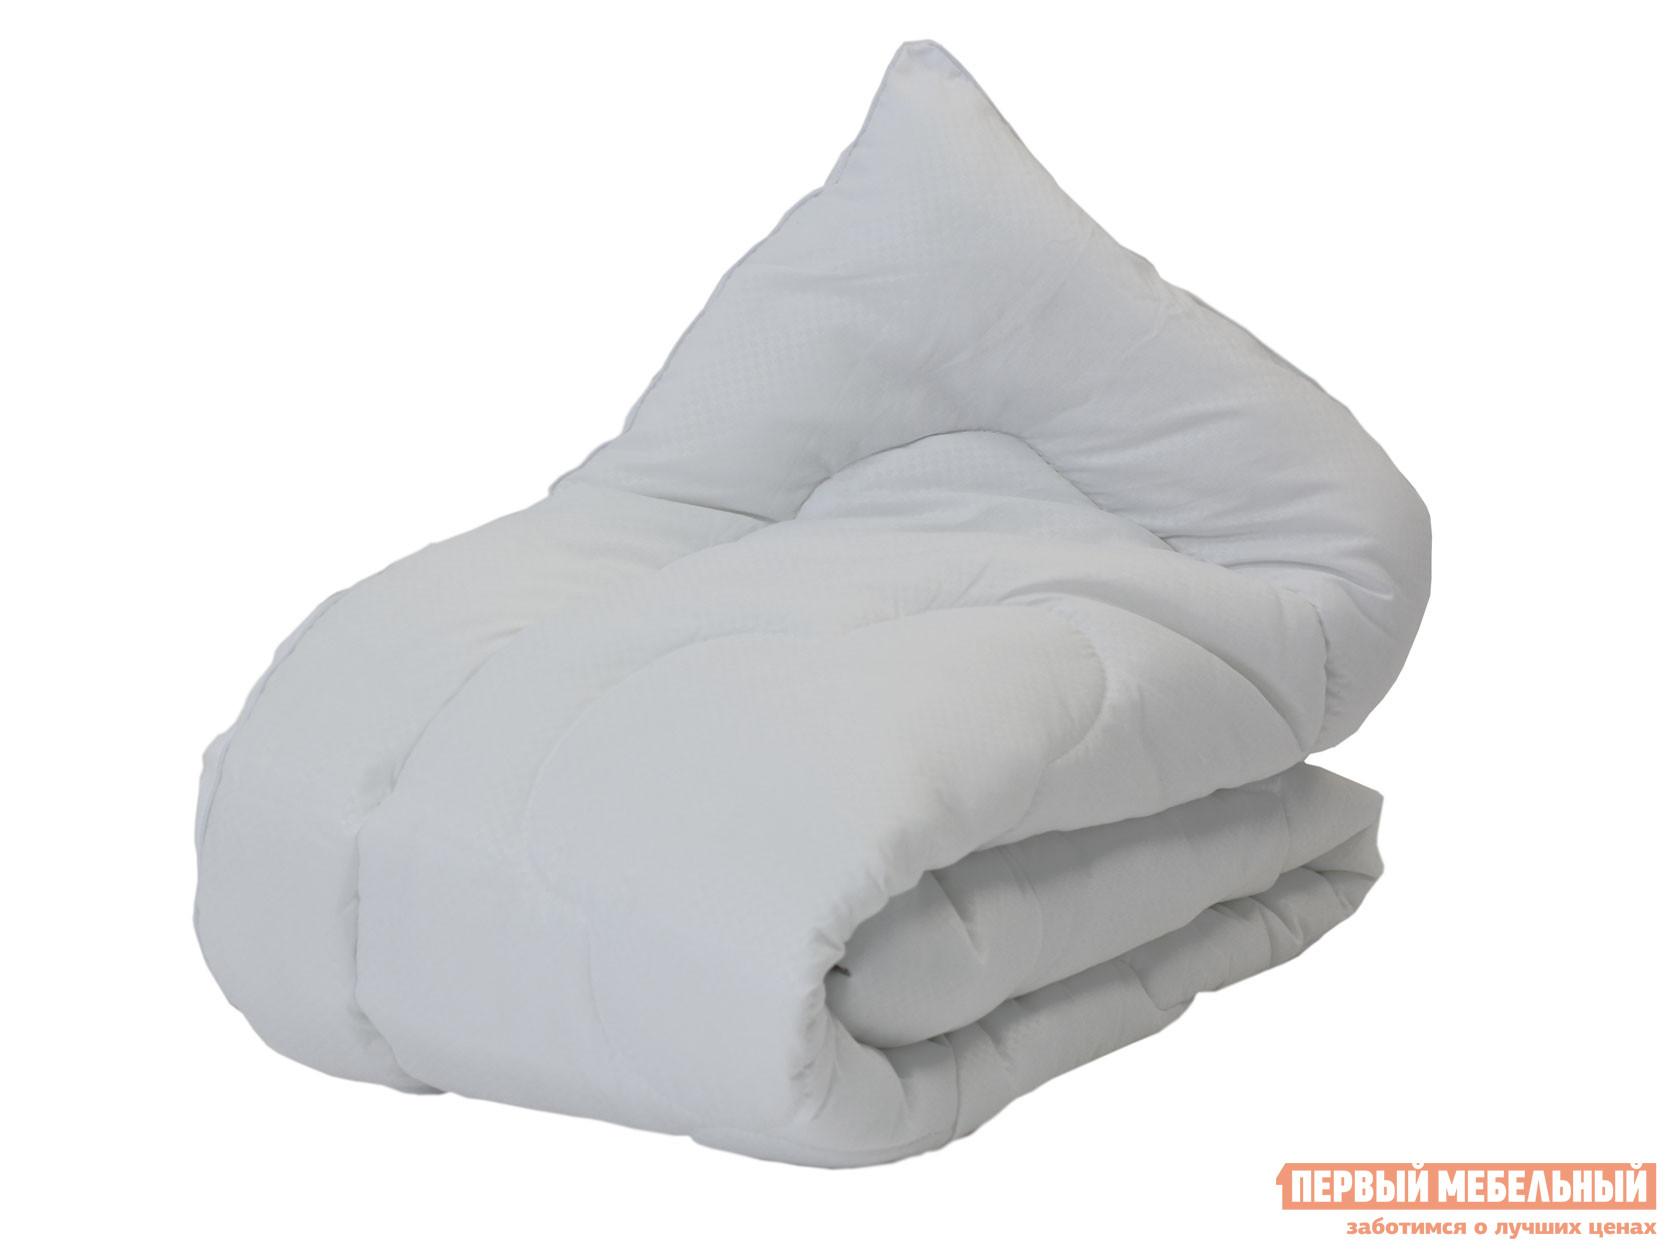 Одеяло Первый Мебельный Одеяло микрофибра/лебяжий пух, 300г/м2 всесезонное